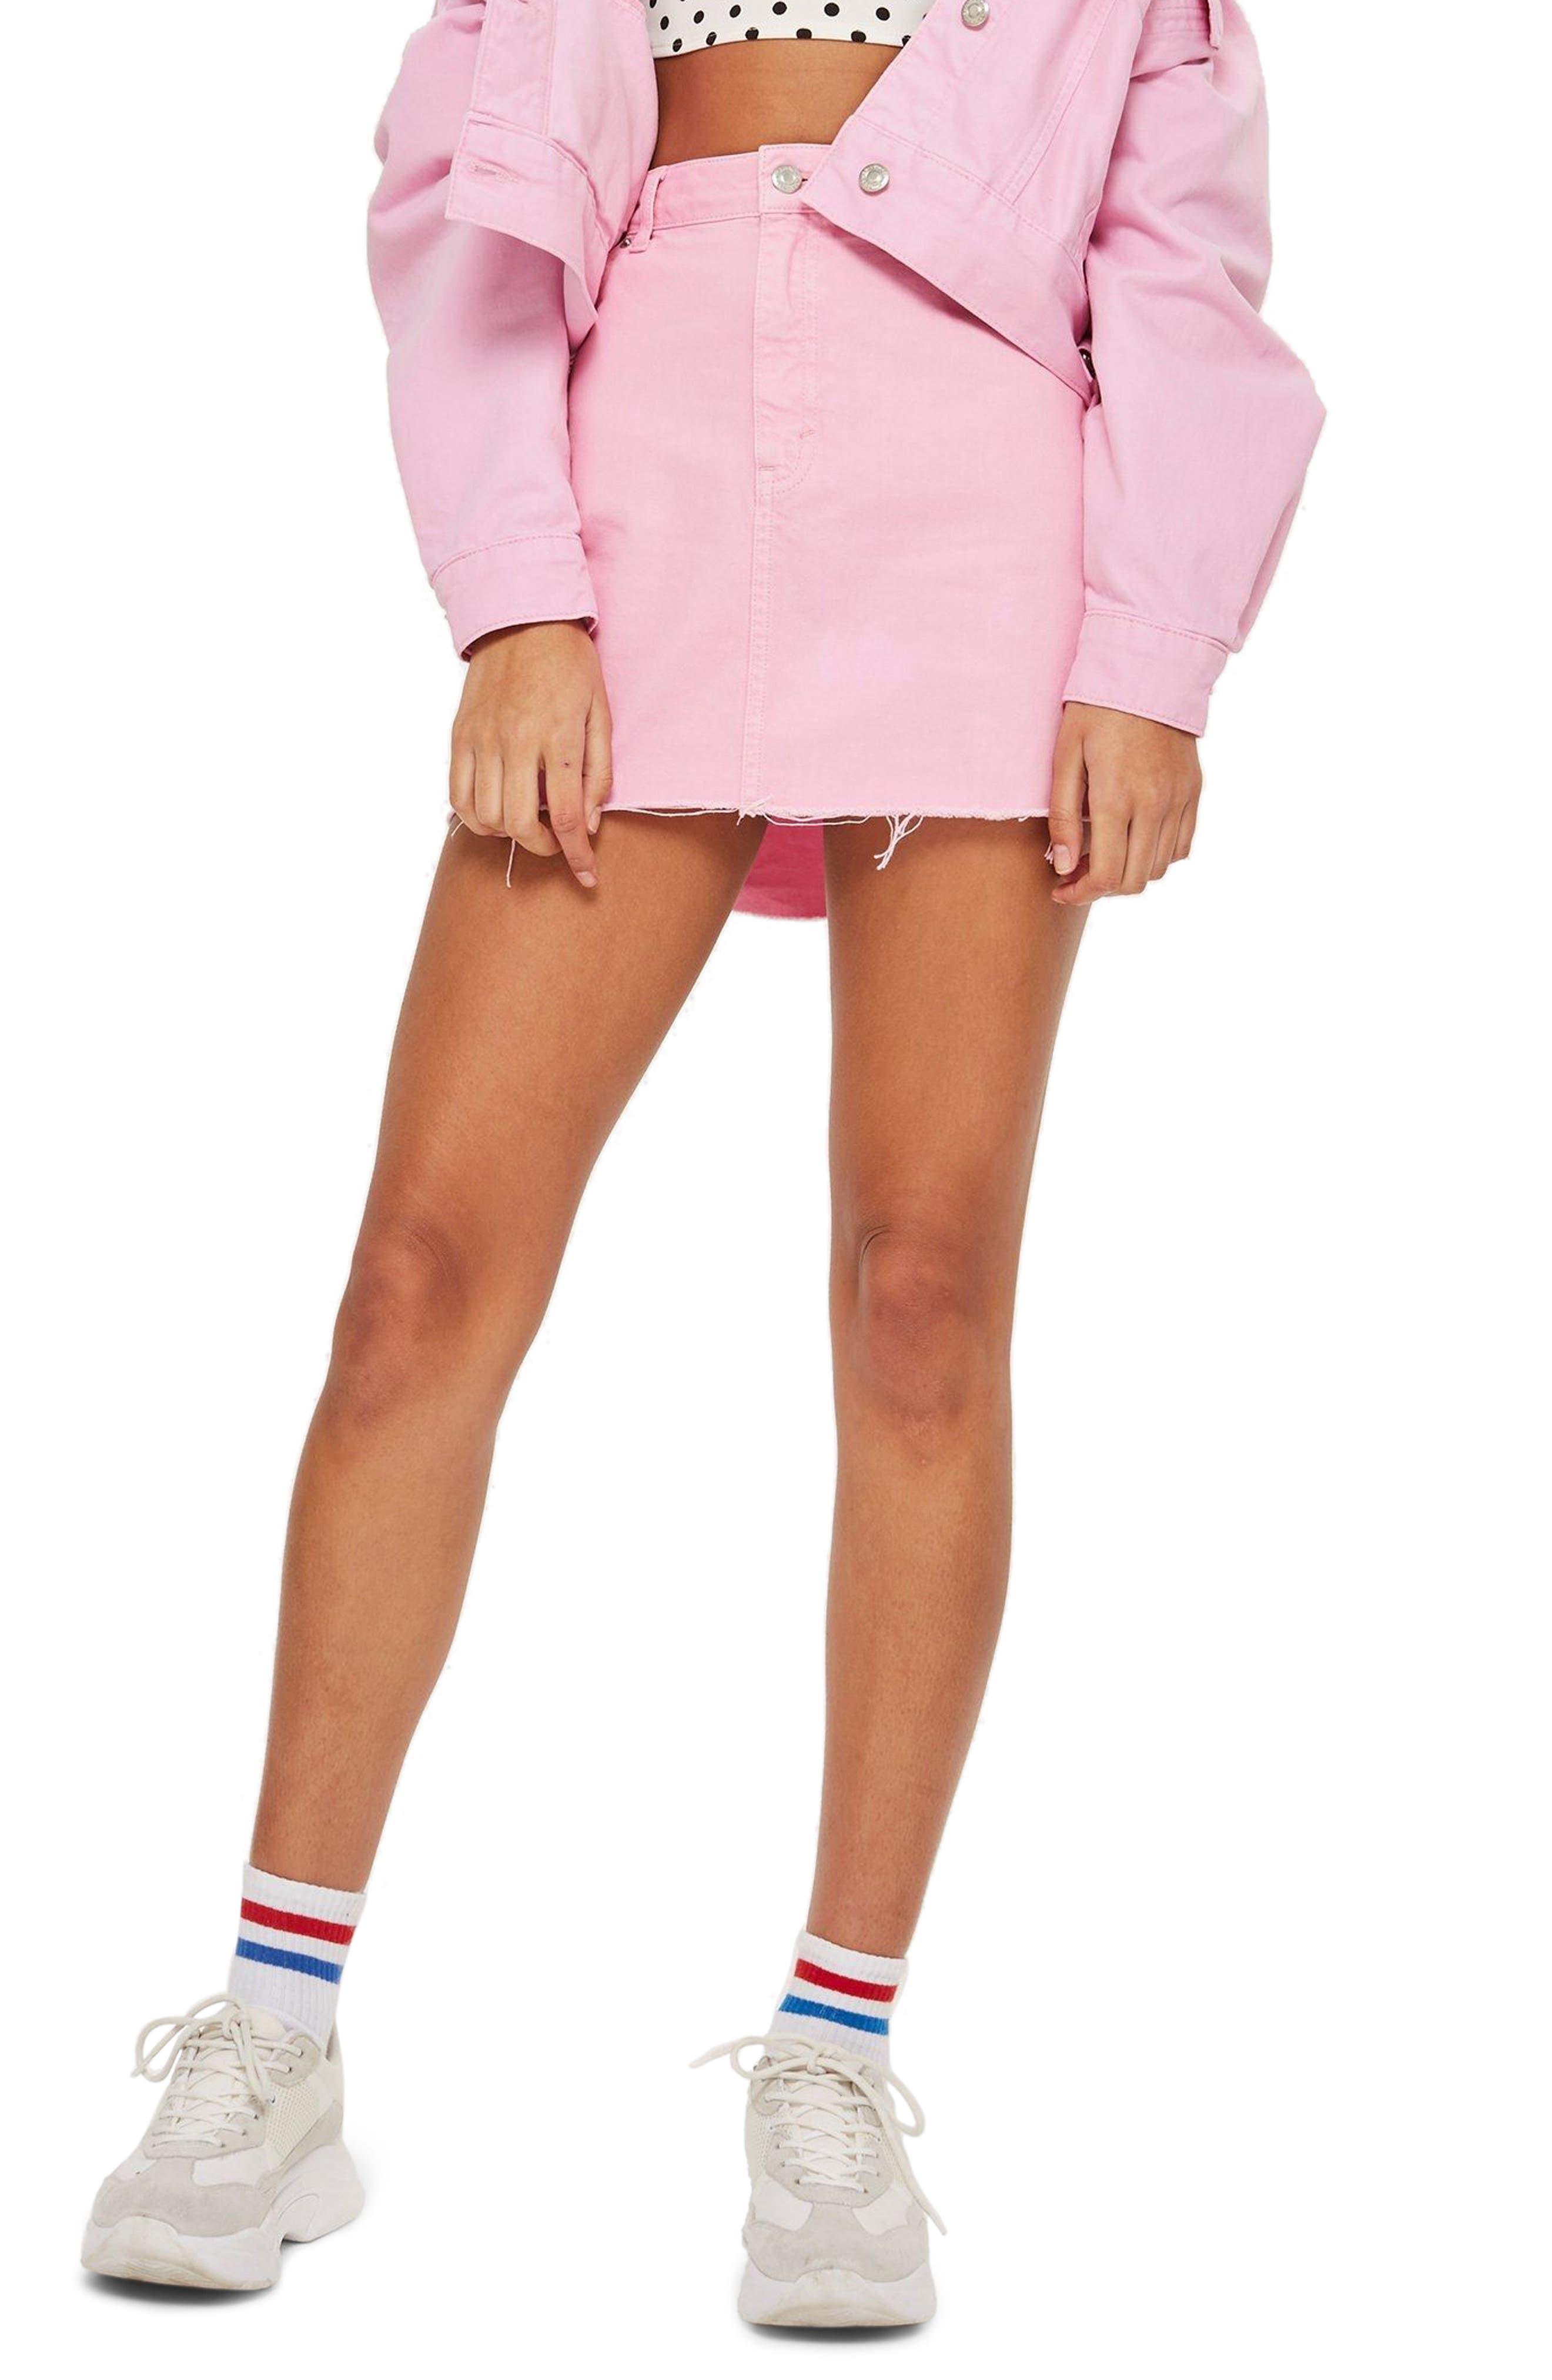 MOTO High Waist Denim Skirt,                         Main,                         color, BUBBLEGUM